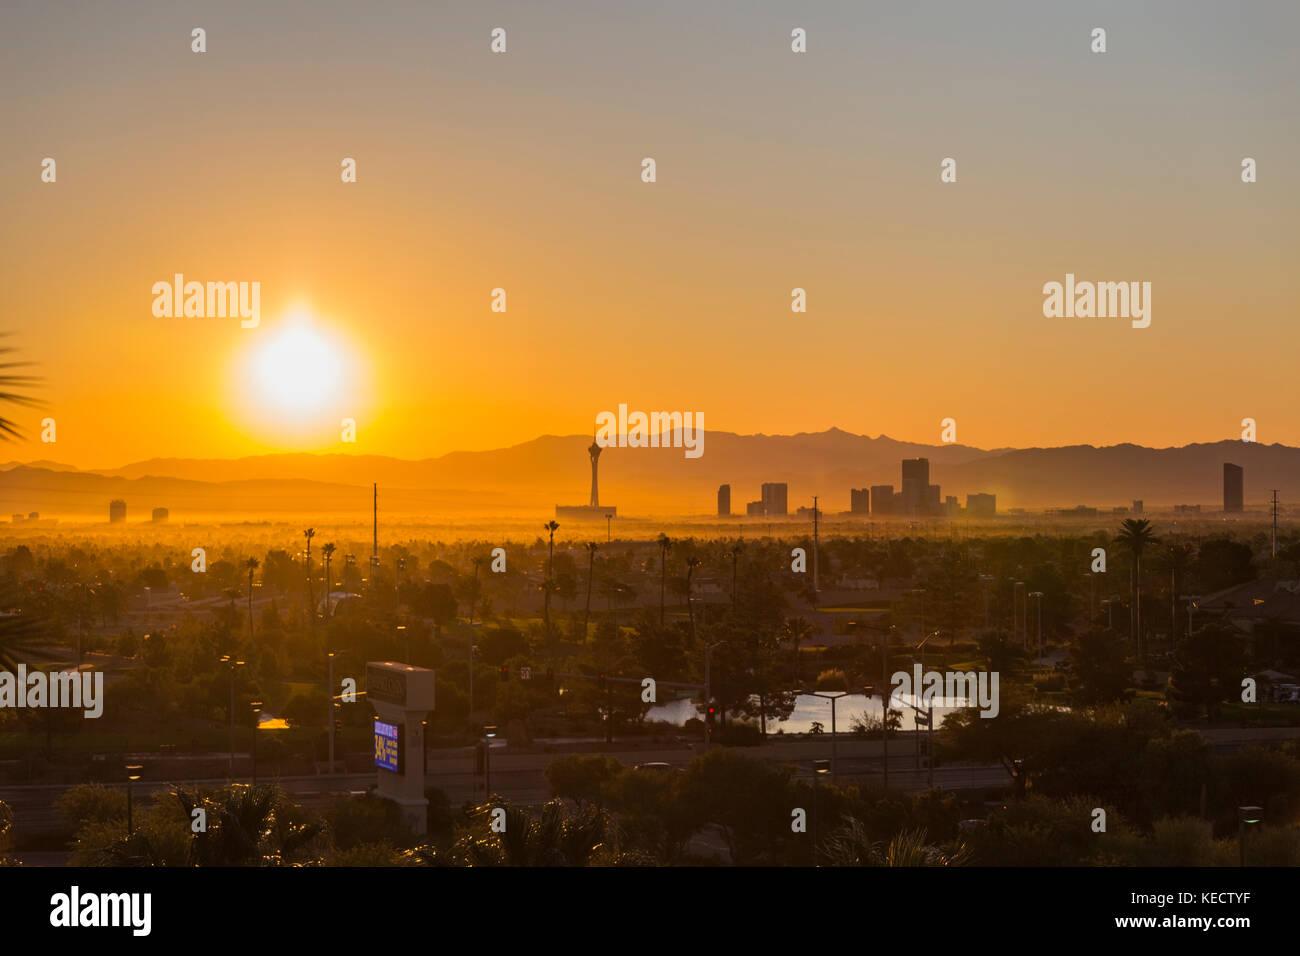 Las Vegas, Nevada, USA - October 10, 2017:  Orange sunrise view of towers on the Las Vegas strip. Stock Photo